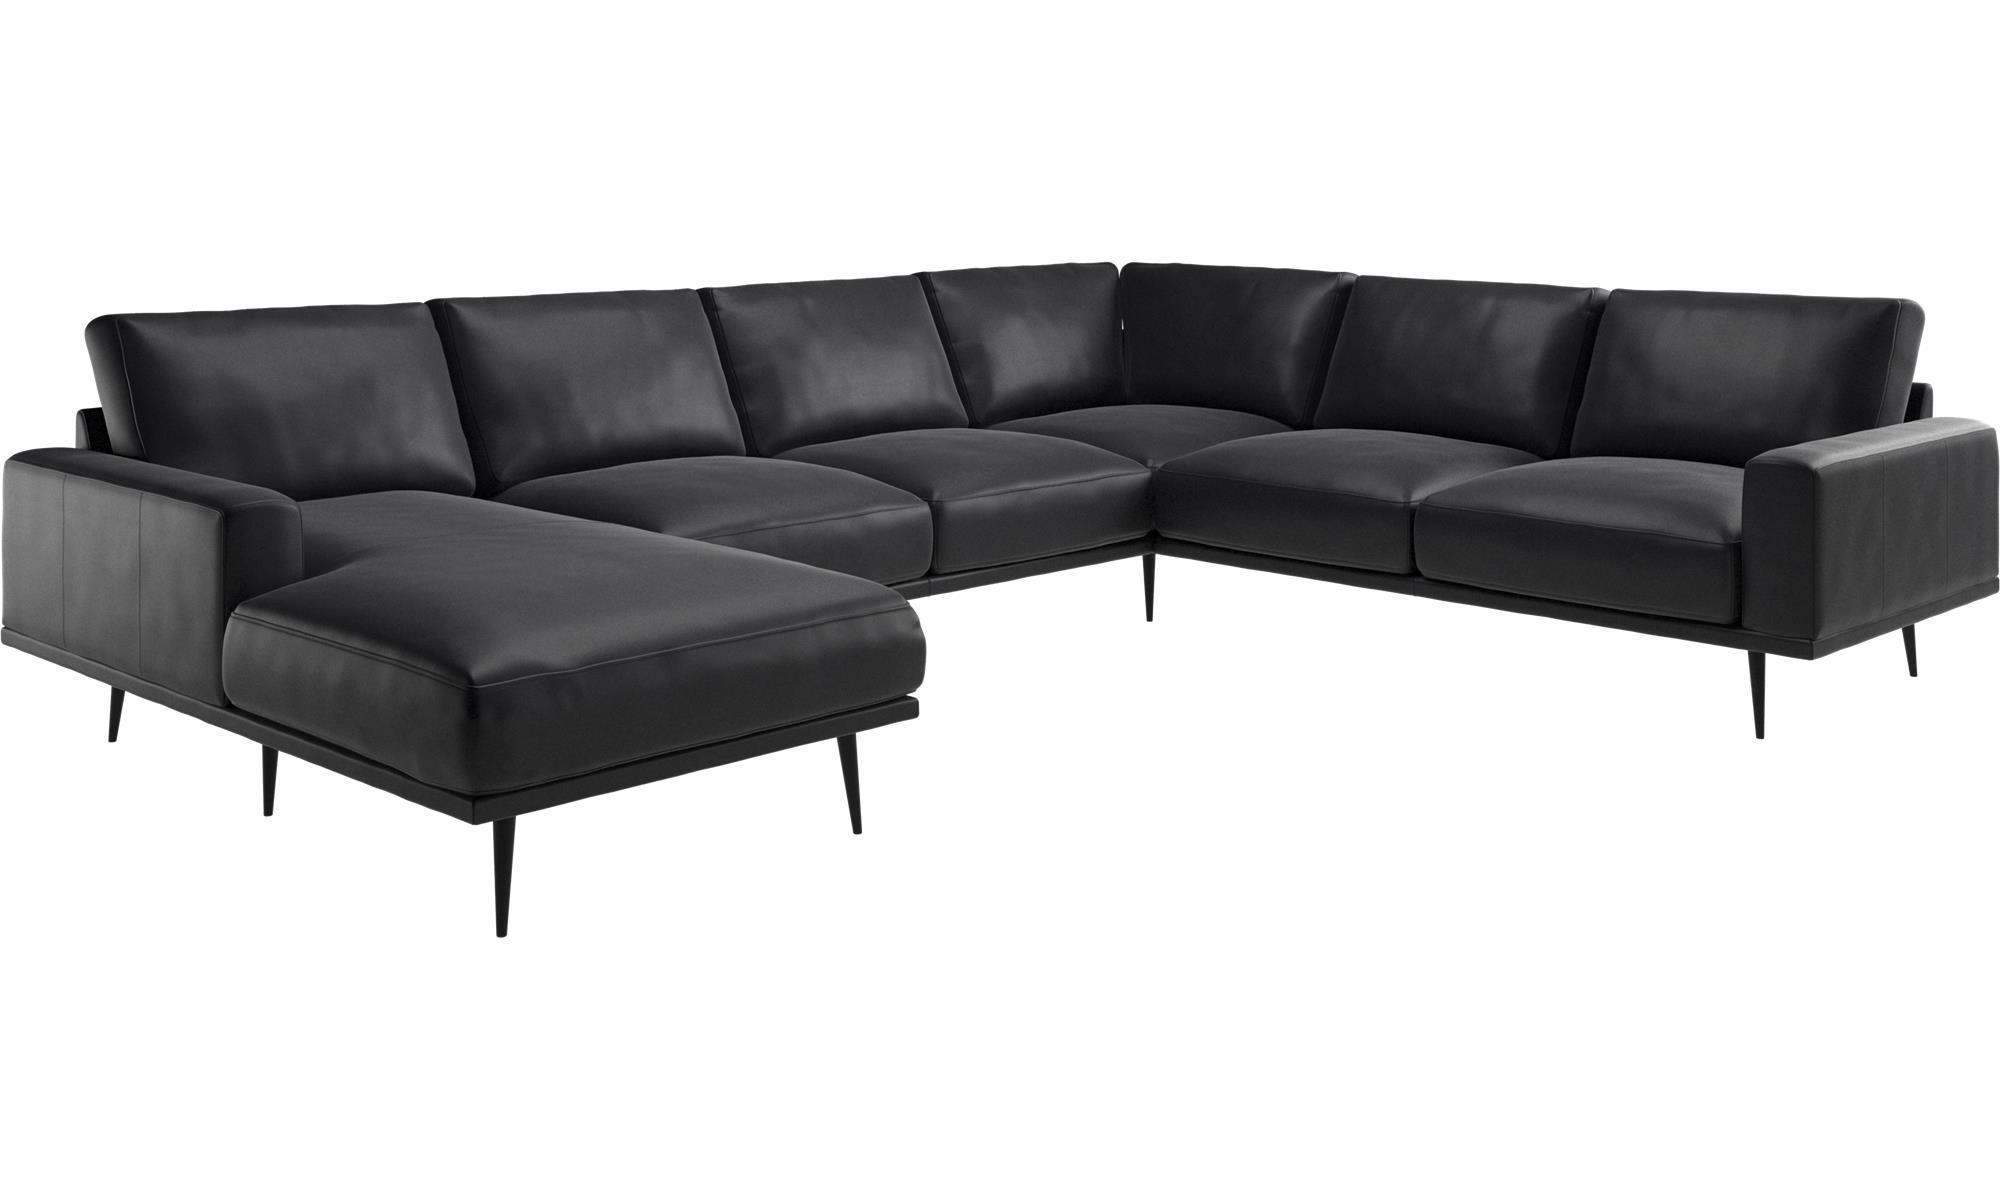 Rundsofa Leder Wohnlandschaft halb rund Sofa Couch U Form